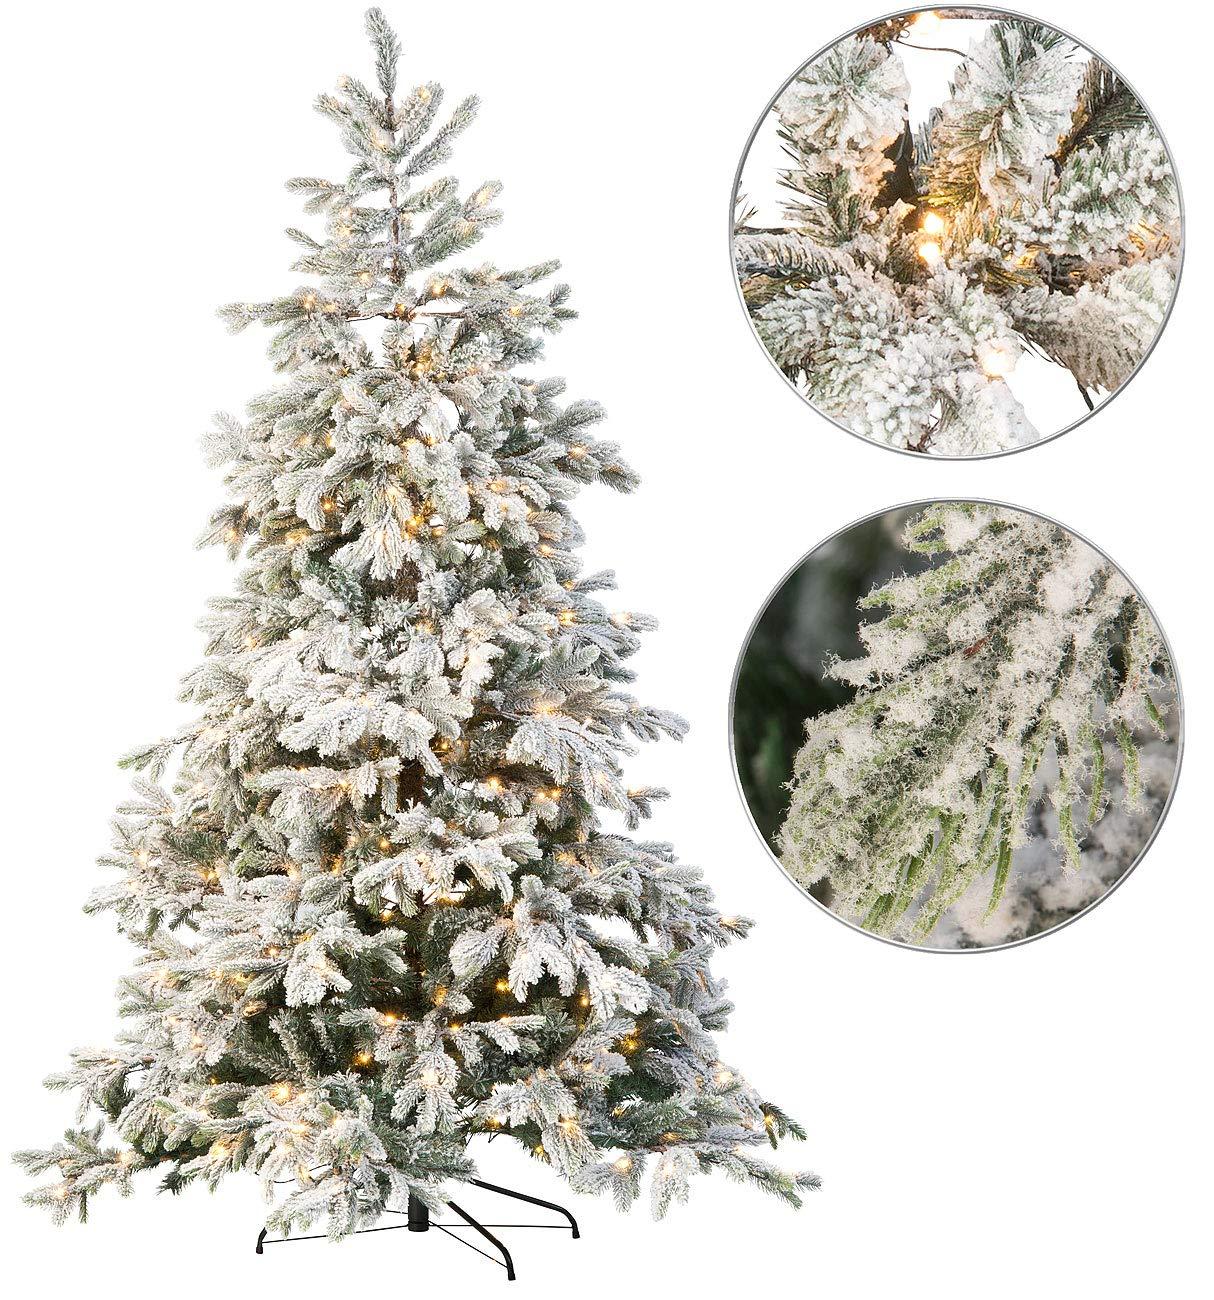 infactory-Fichte-Knstlicher-Weihnachtsbaum-weie-Spitzen-500-LEDs-70-ste-225-cm-Knstliche-Tannenbume-mit-LED